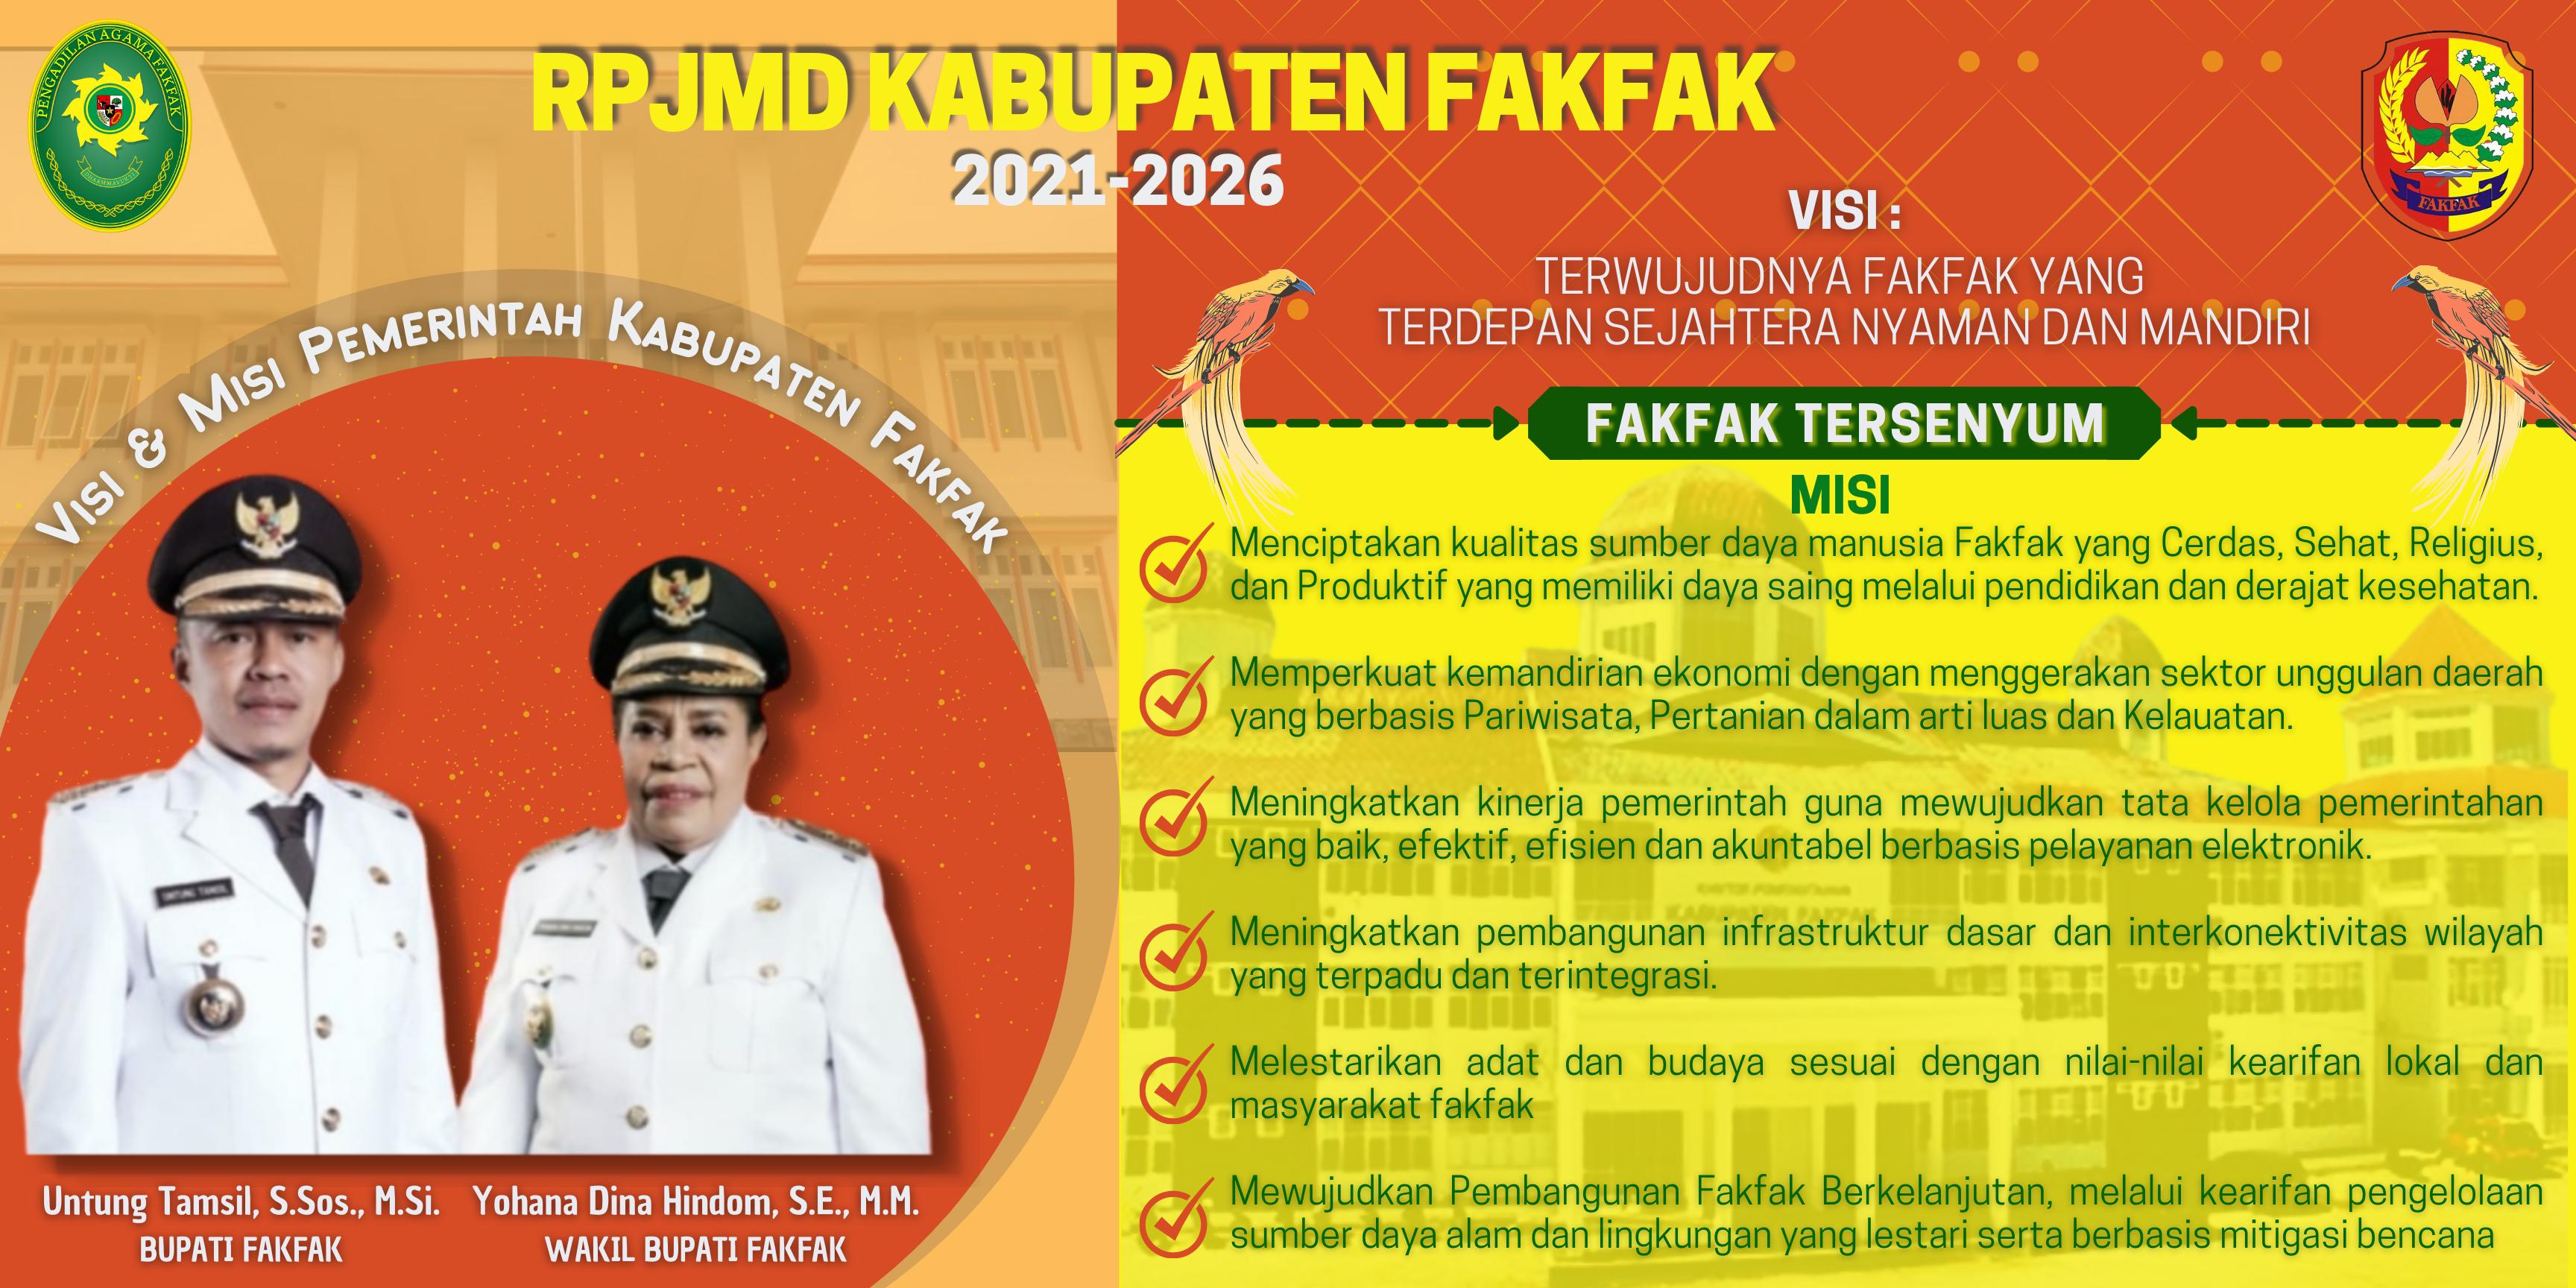 RPJMD KABUPATEN FAKFAK 2021-2026